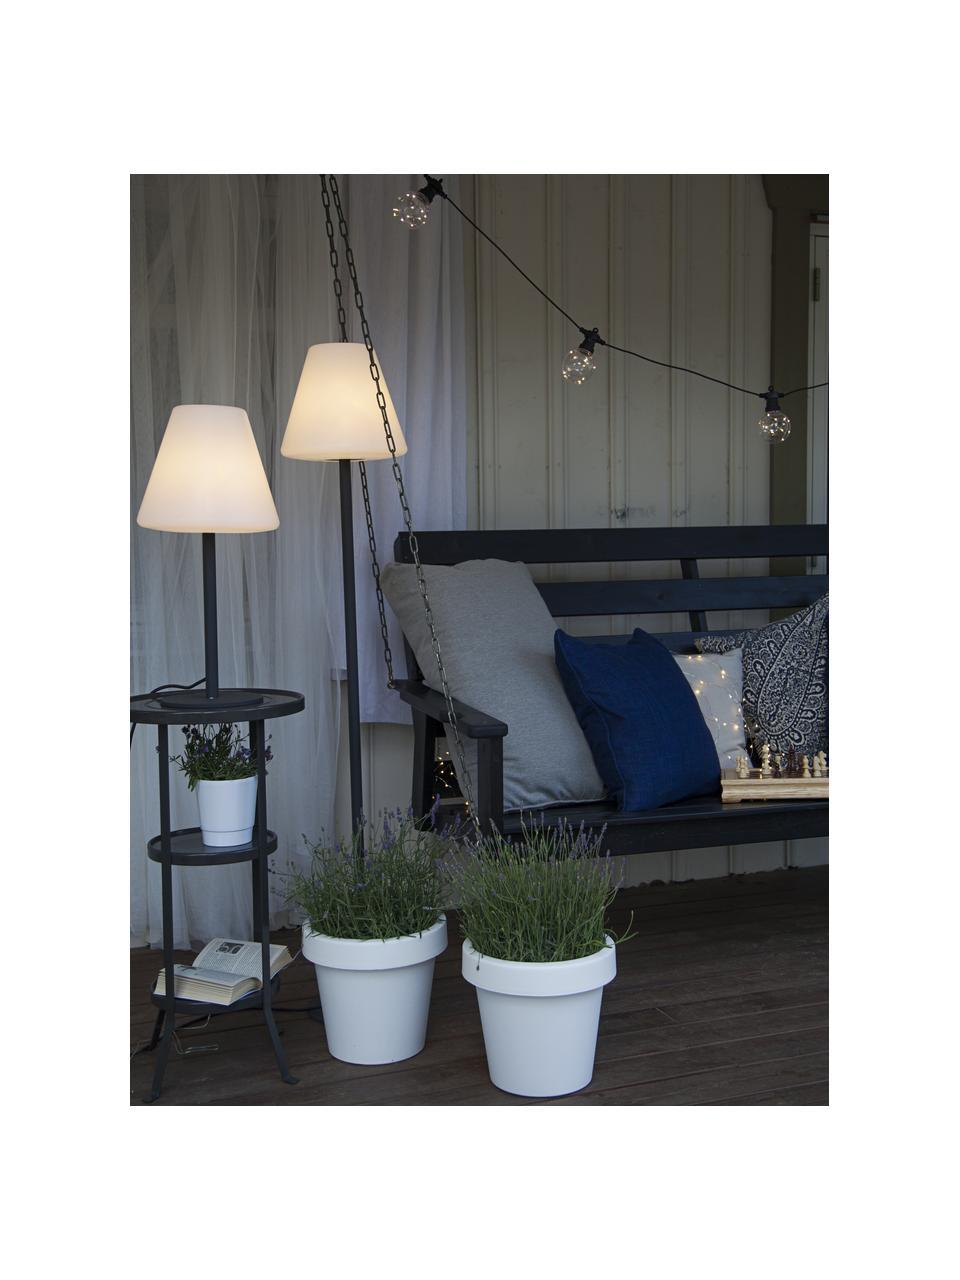 Venkovní stojací LED lampa se zástrčkou Gardenlight, Bílá, antracitová